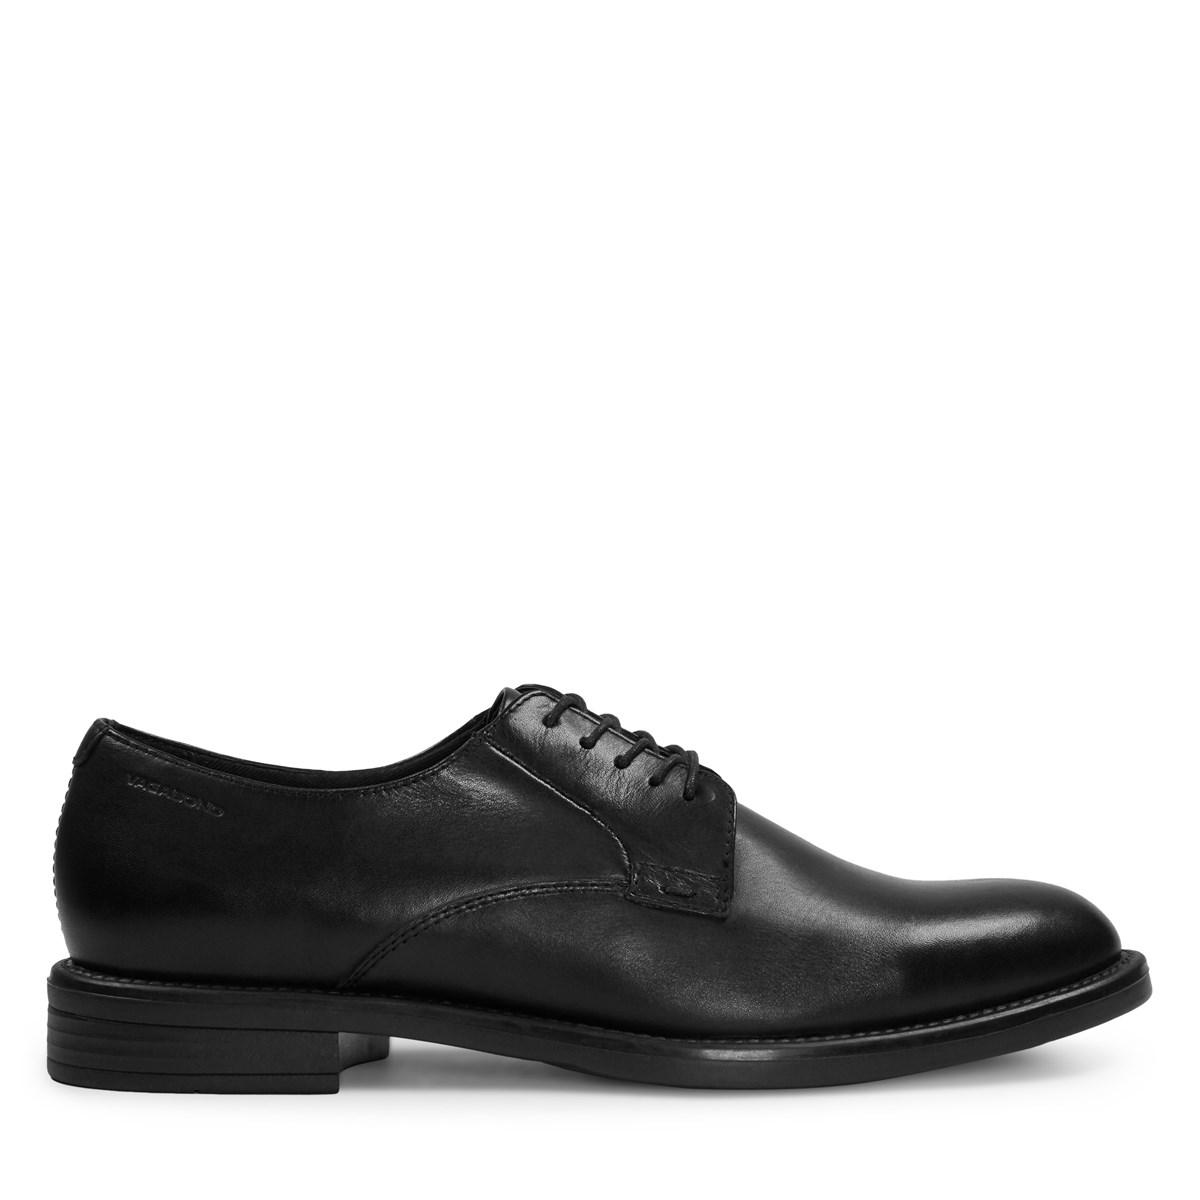 Women's Amina Black Lace-Up Shoe